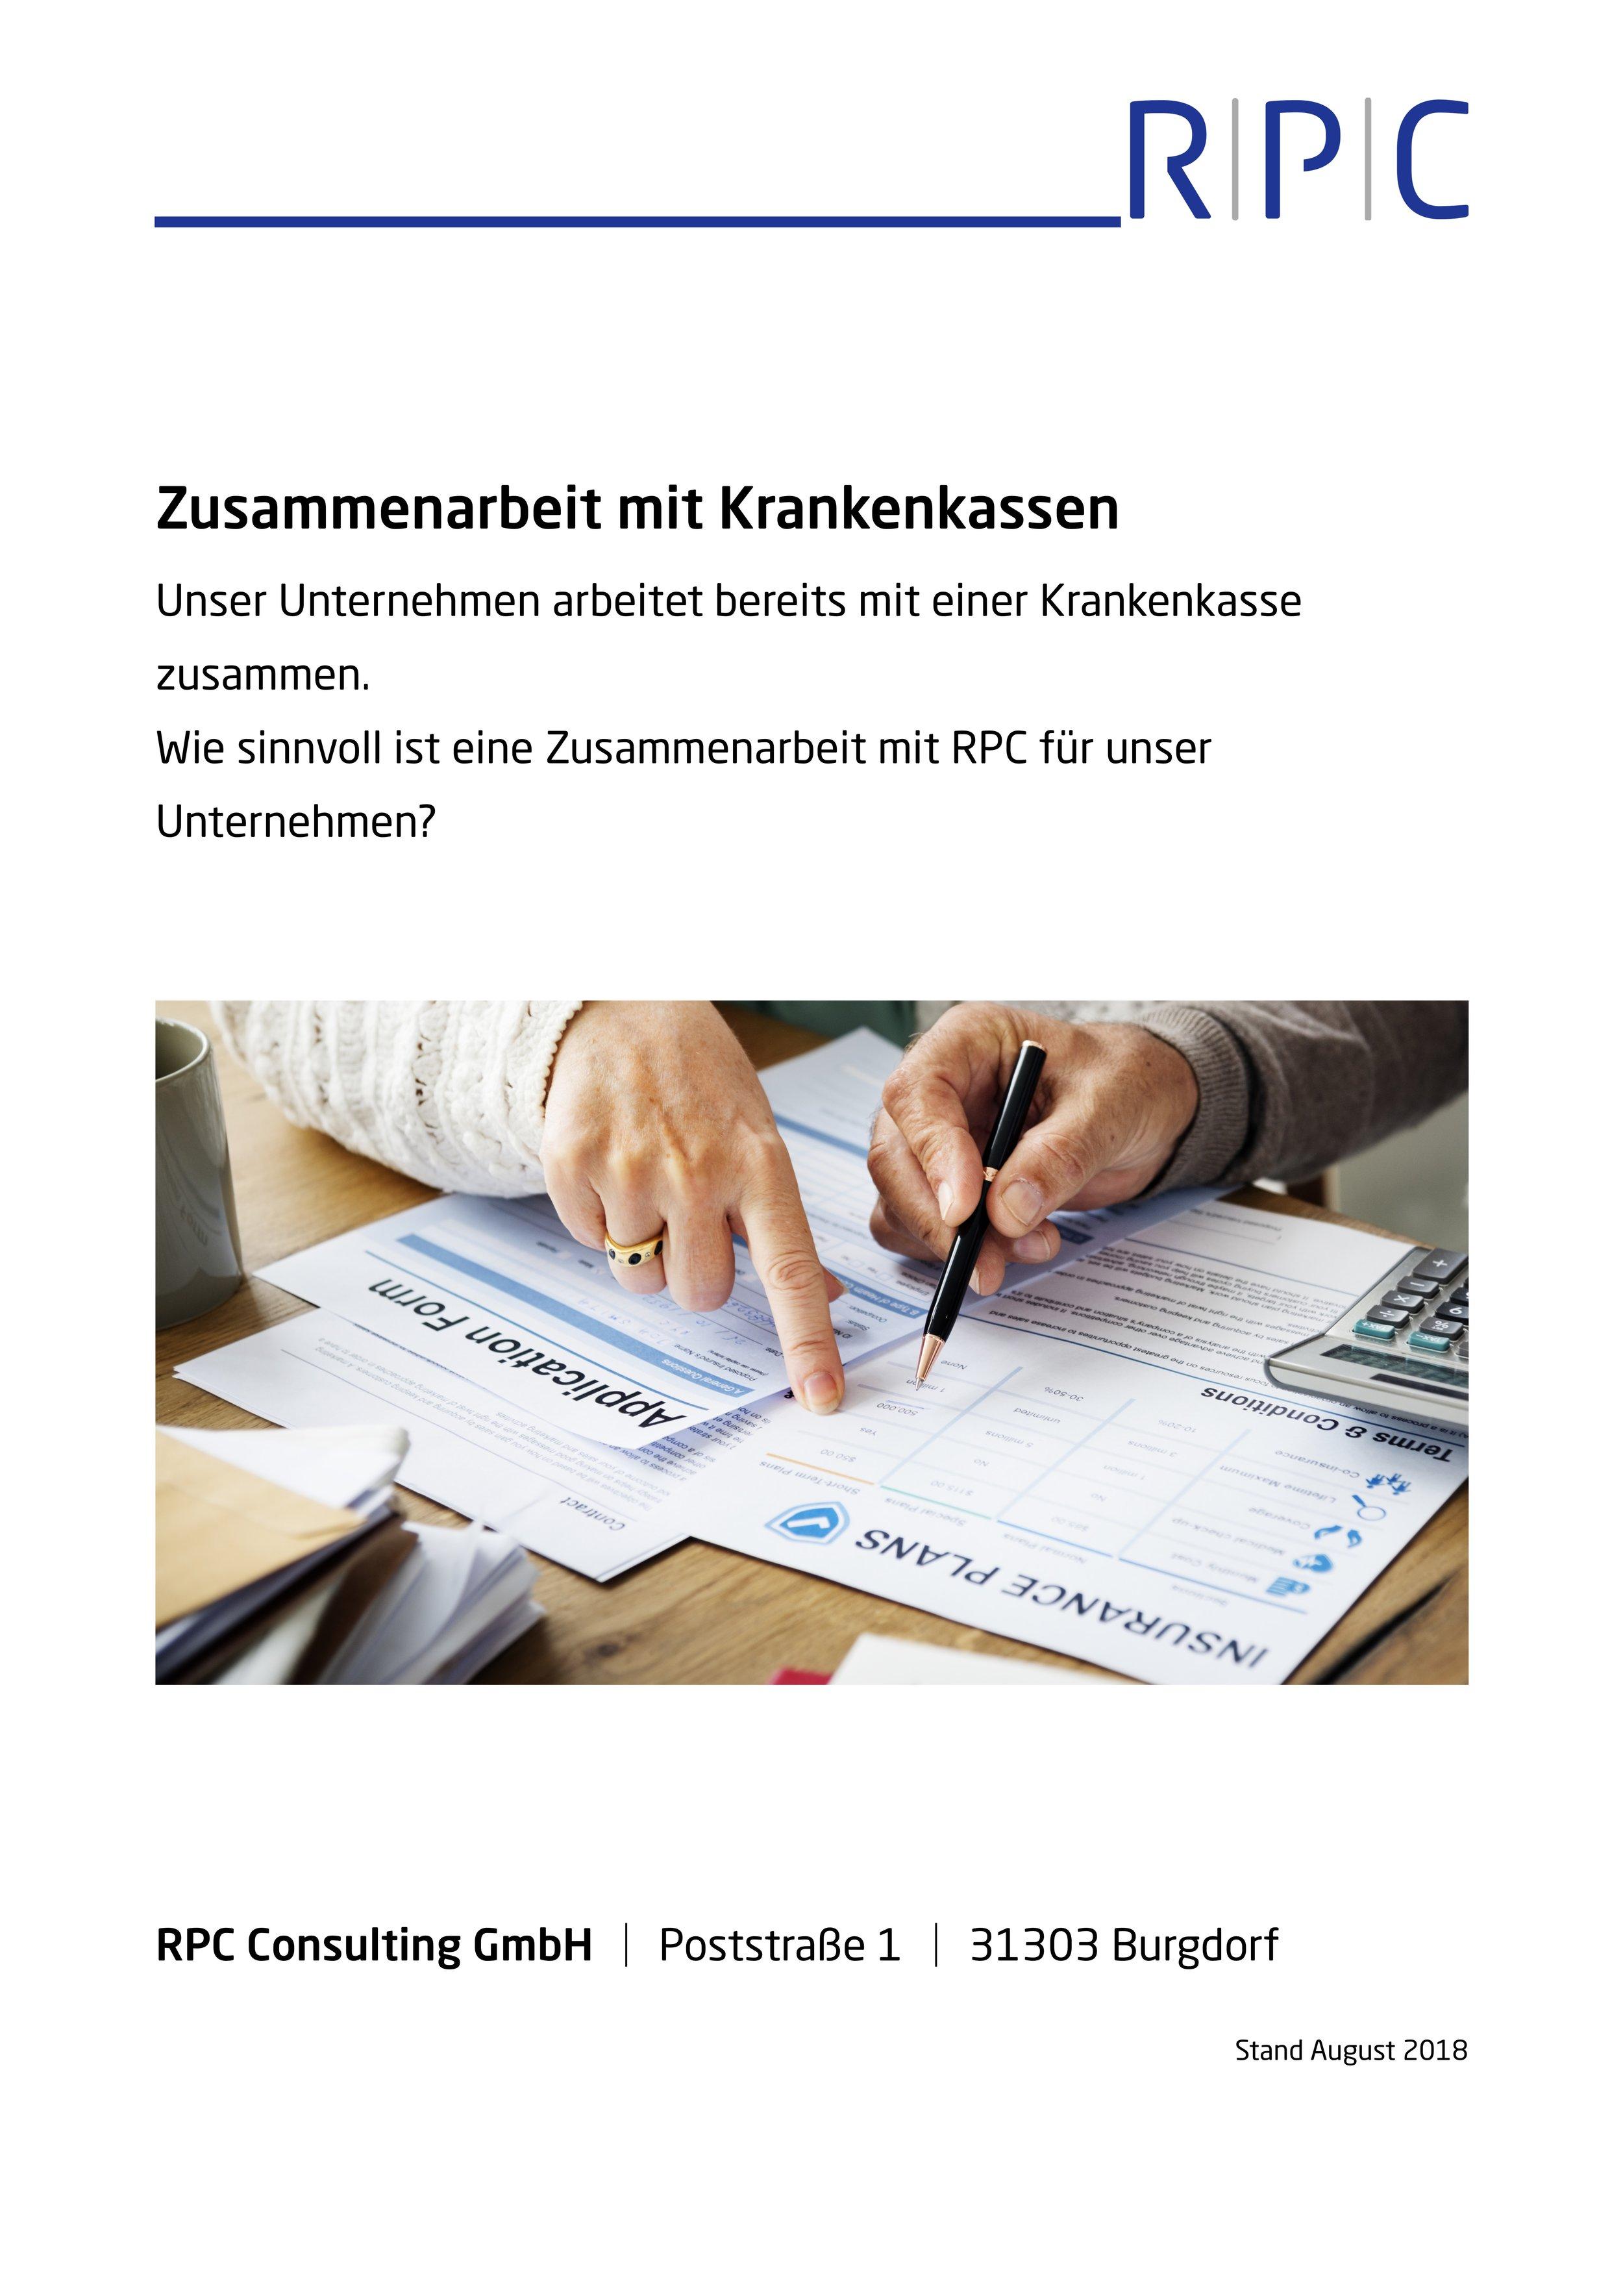 Krankenkassen - Zusammenarbeit mit Krankenkassen im BGM